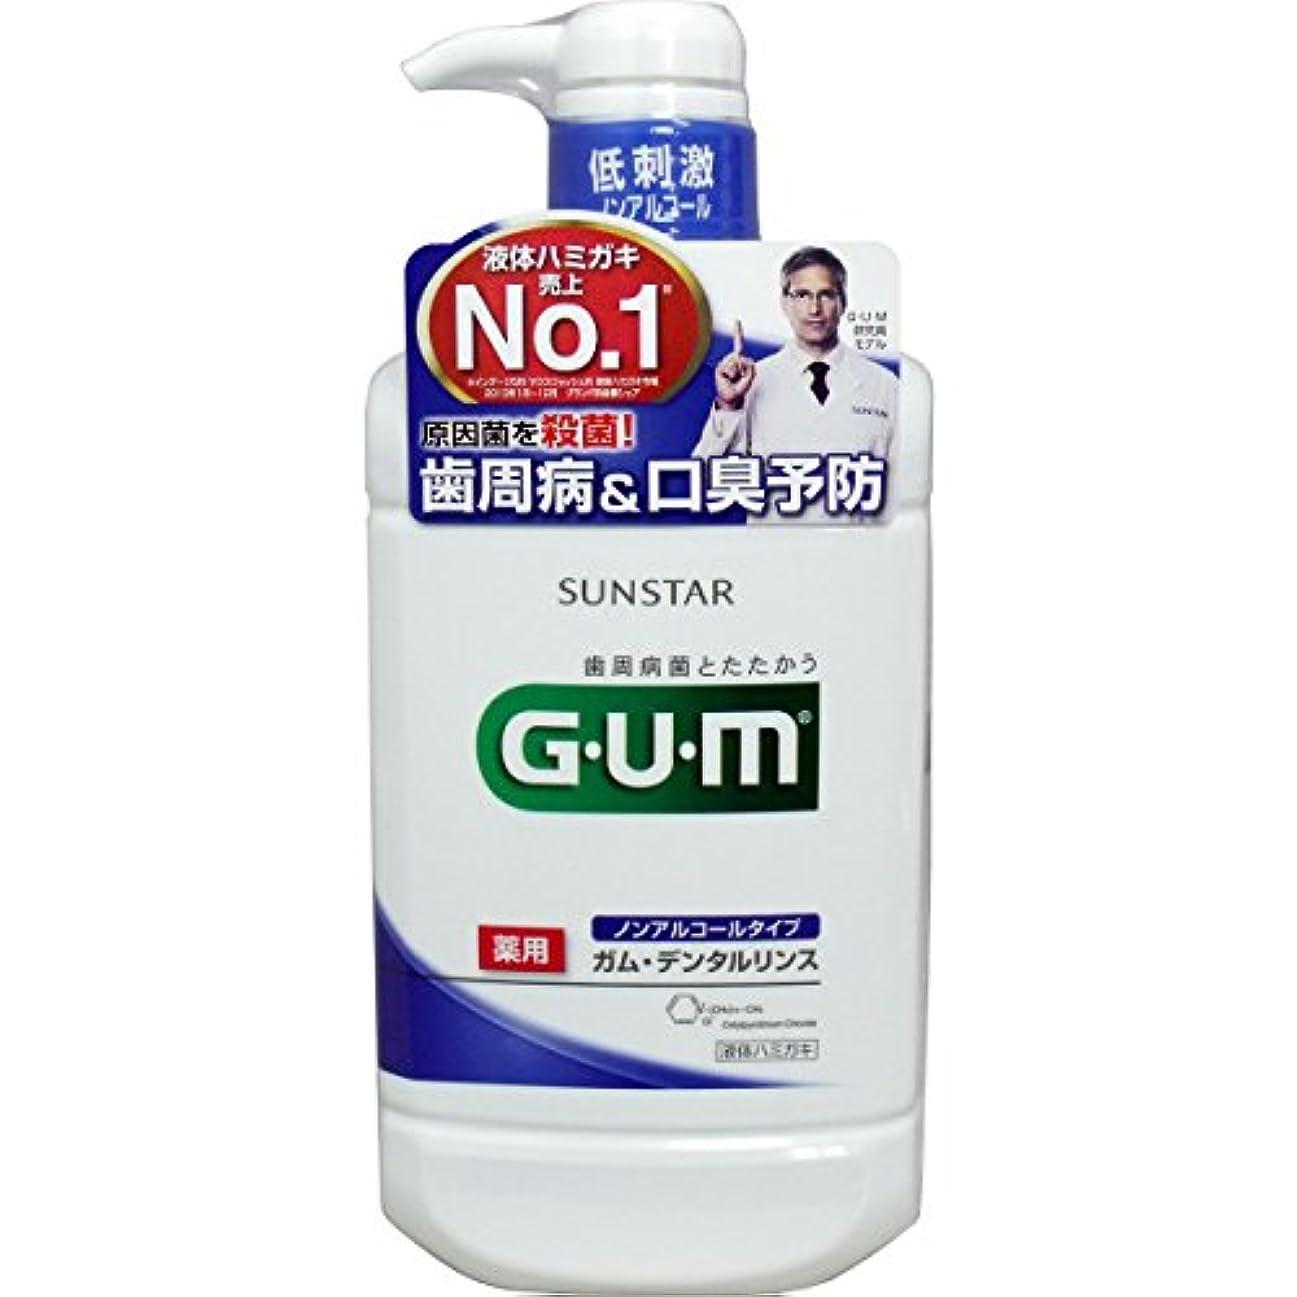 盆憂鬱人に関する限り【まとめ買い】GUM(ガム)?デンタルリンス (ノンアルコールタイプ) 960mL (医薬部外品)×5個